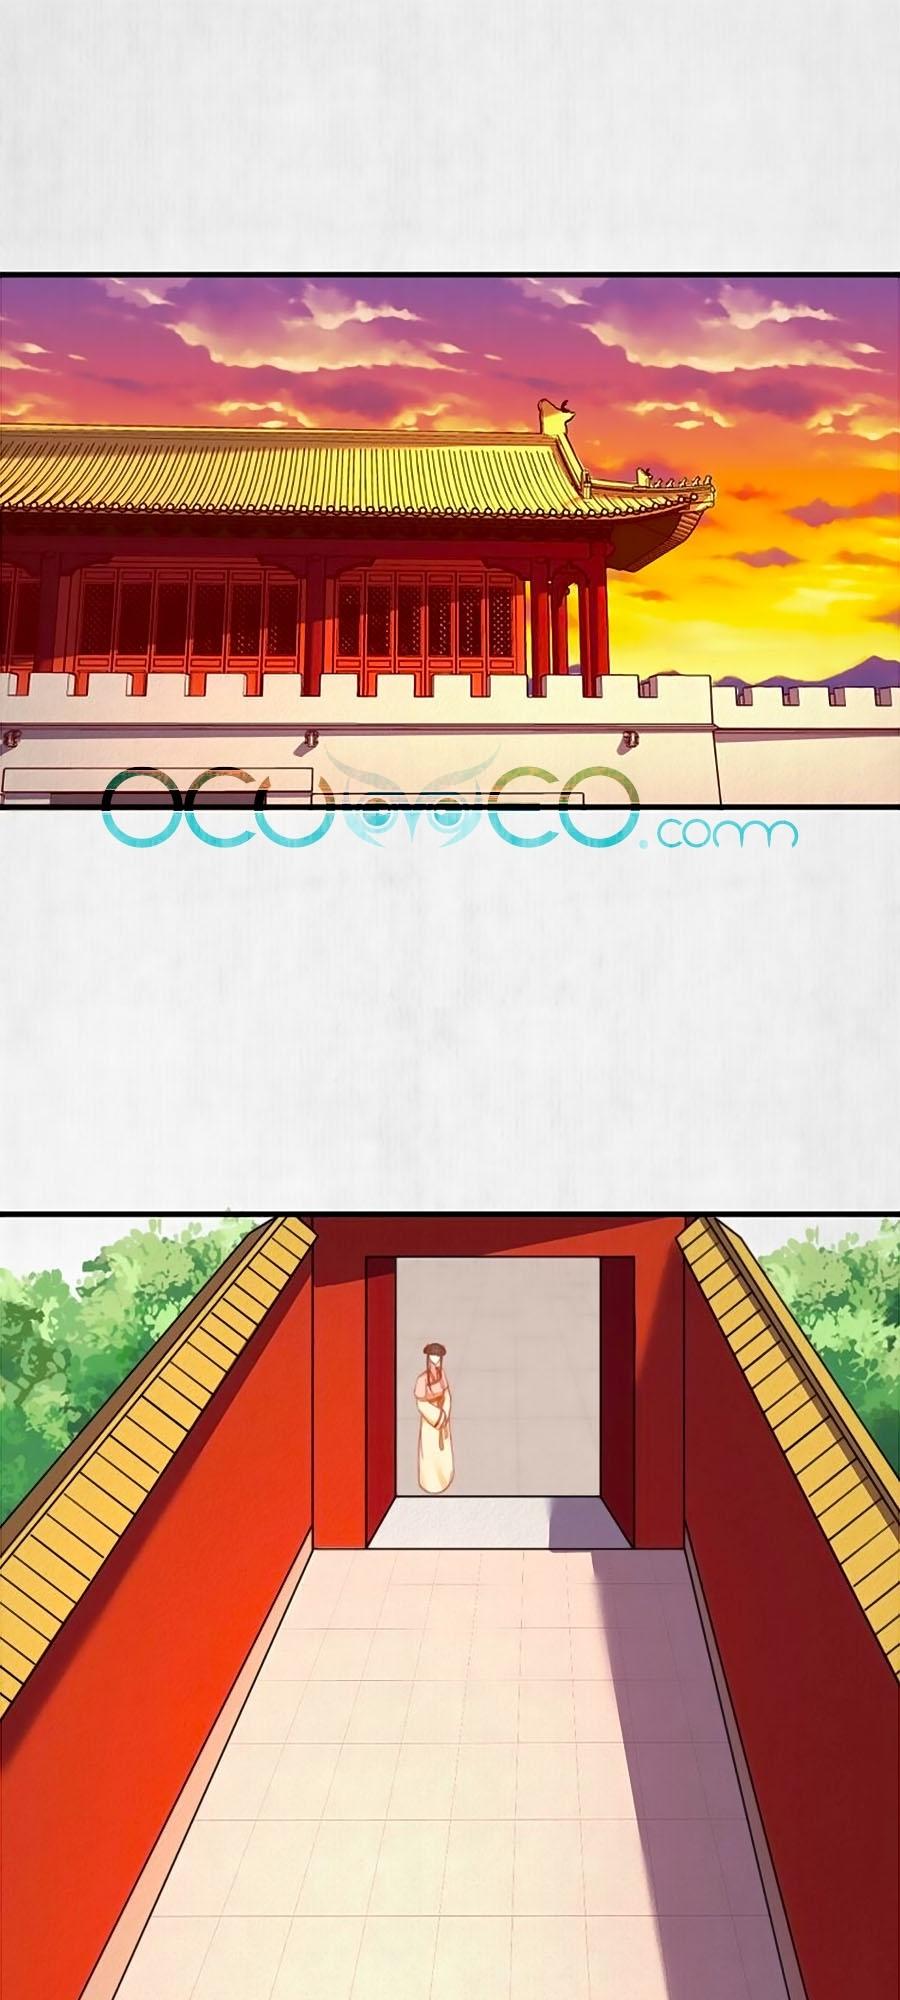 Hoạn Phi Hoàn Triều Chapter 55 - Trang 1